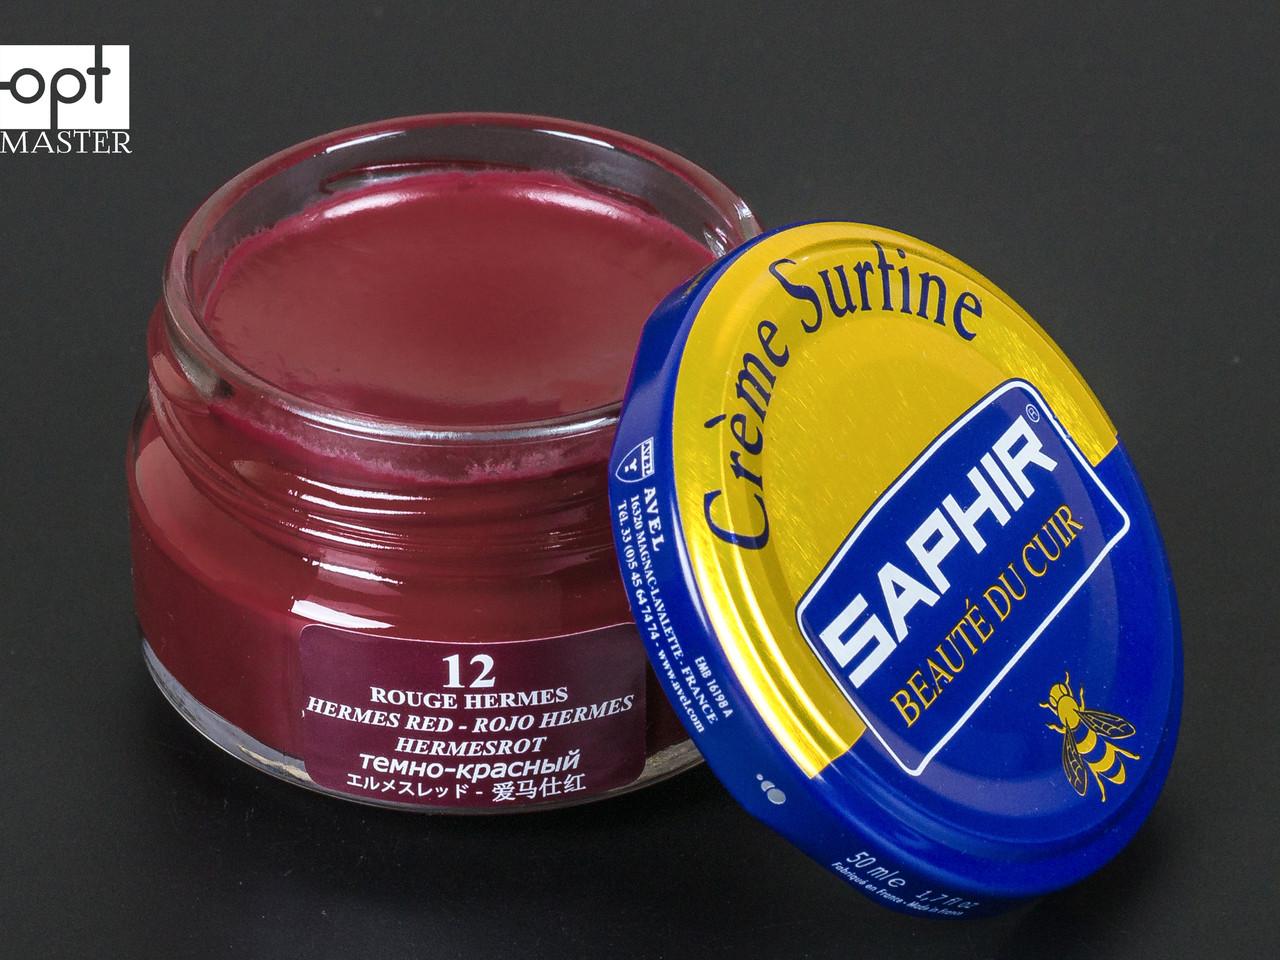 Увлажняющий крем для обуви Saphir Creme Surfine, цв. темно-красный (12), 50 мл (0032)